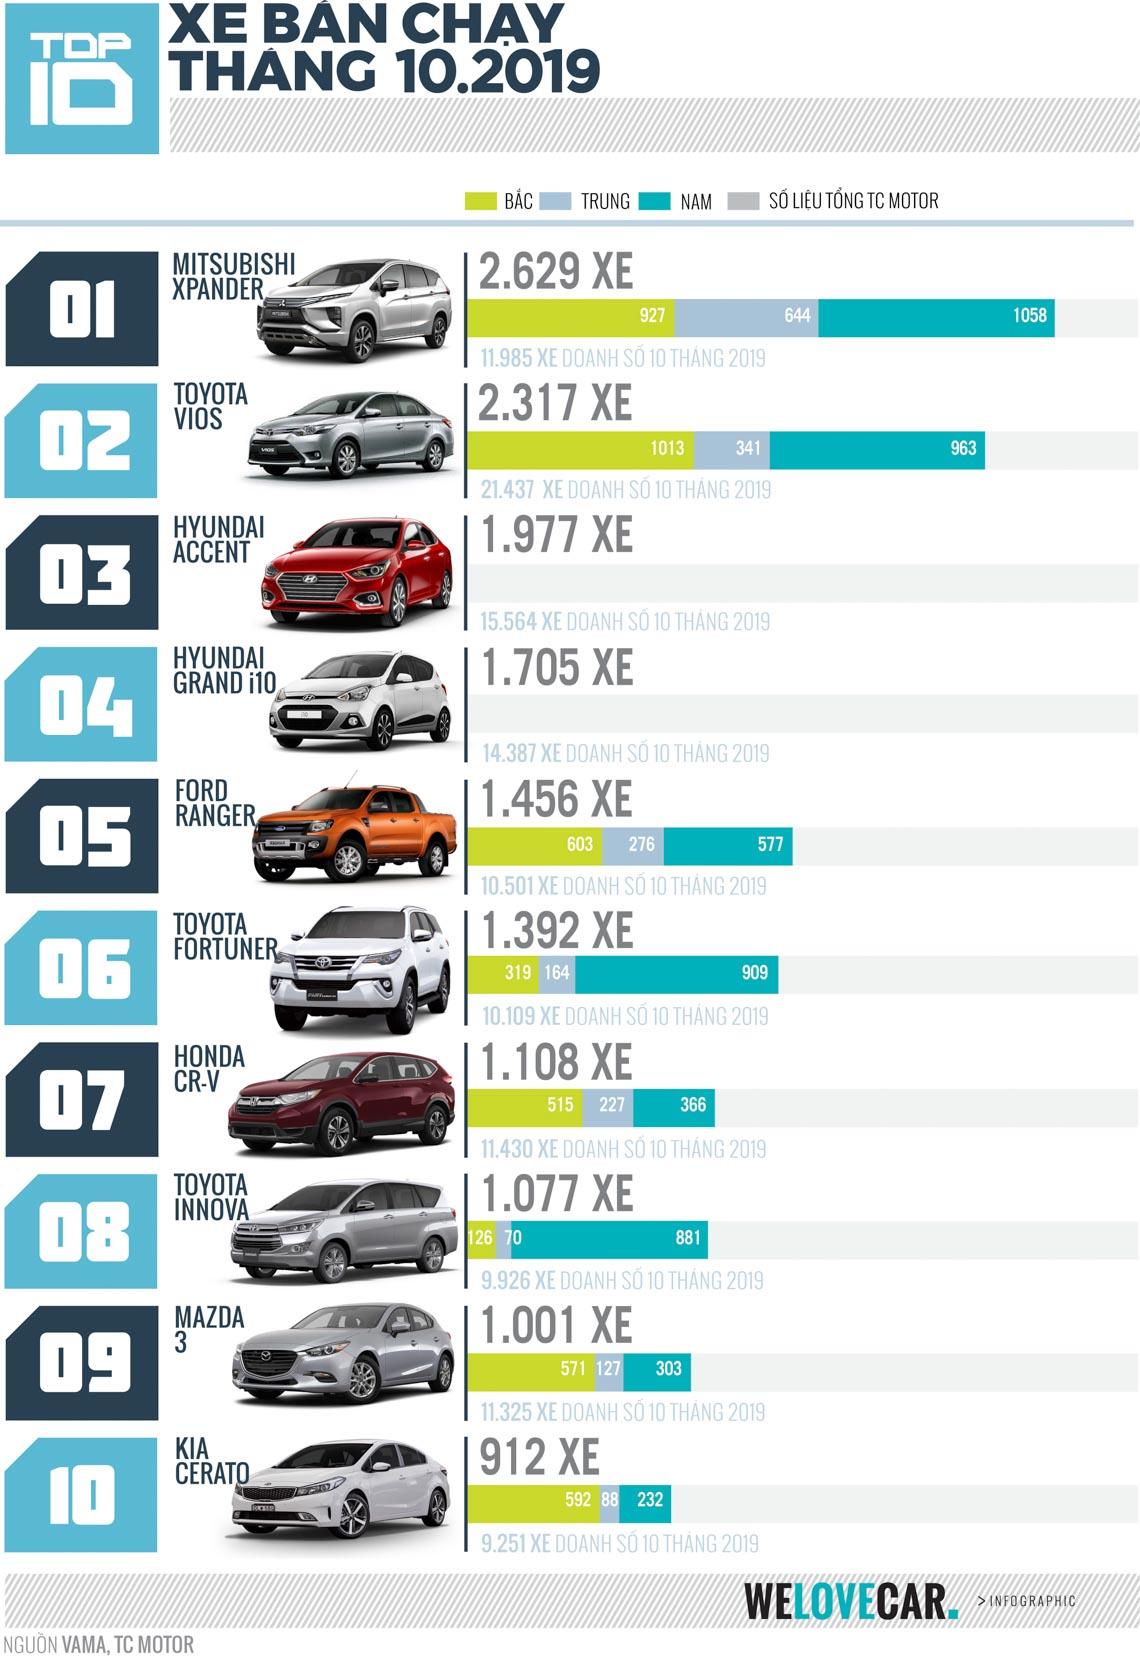 """Top 10 mẫu xe bán chạy nhất tháng 10-2019: Mitsubishi X-Pander lần đầu tiên chiếm """"Ngôi vương"""" với 2.629 xe -1"""